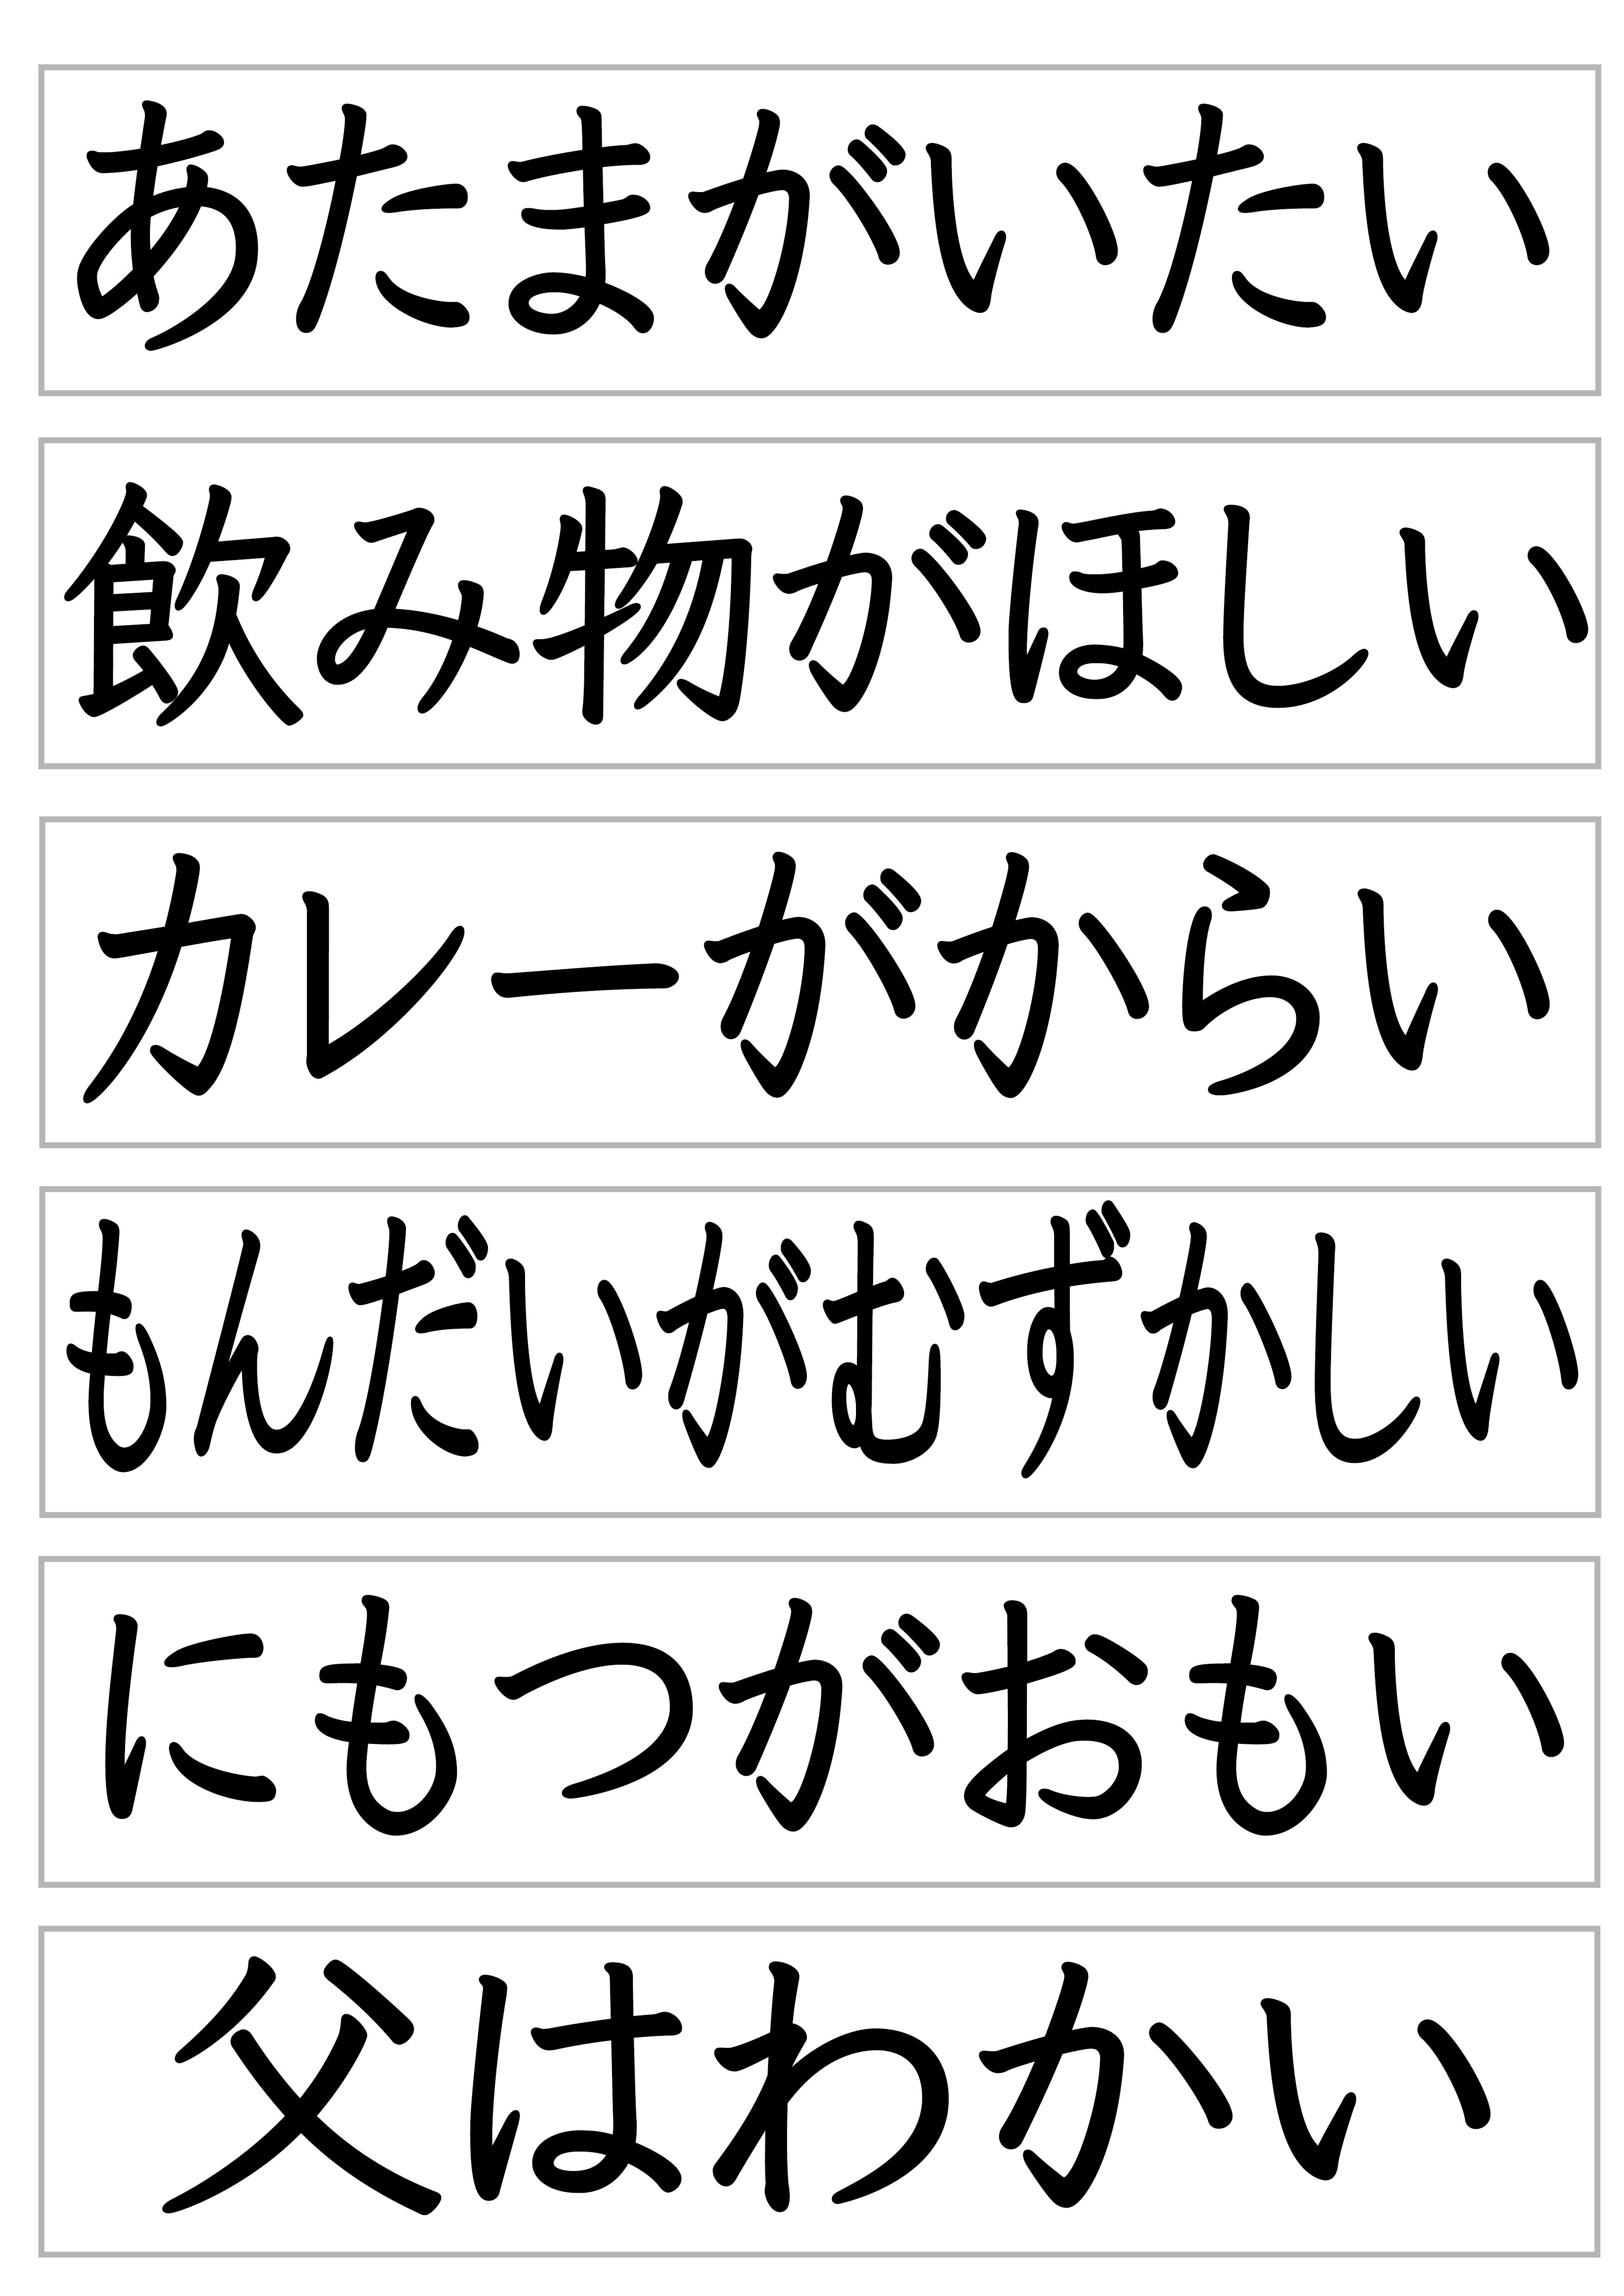 23課-文字カード形容詞